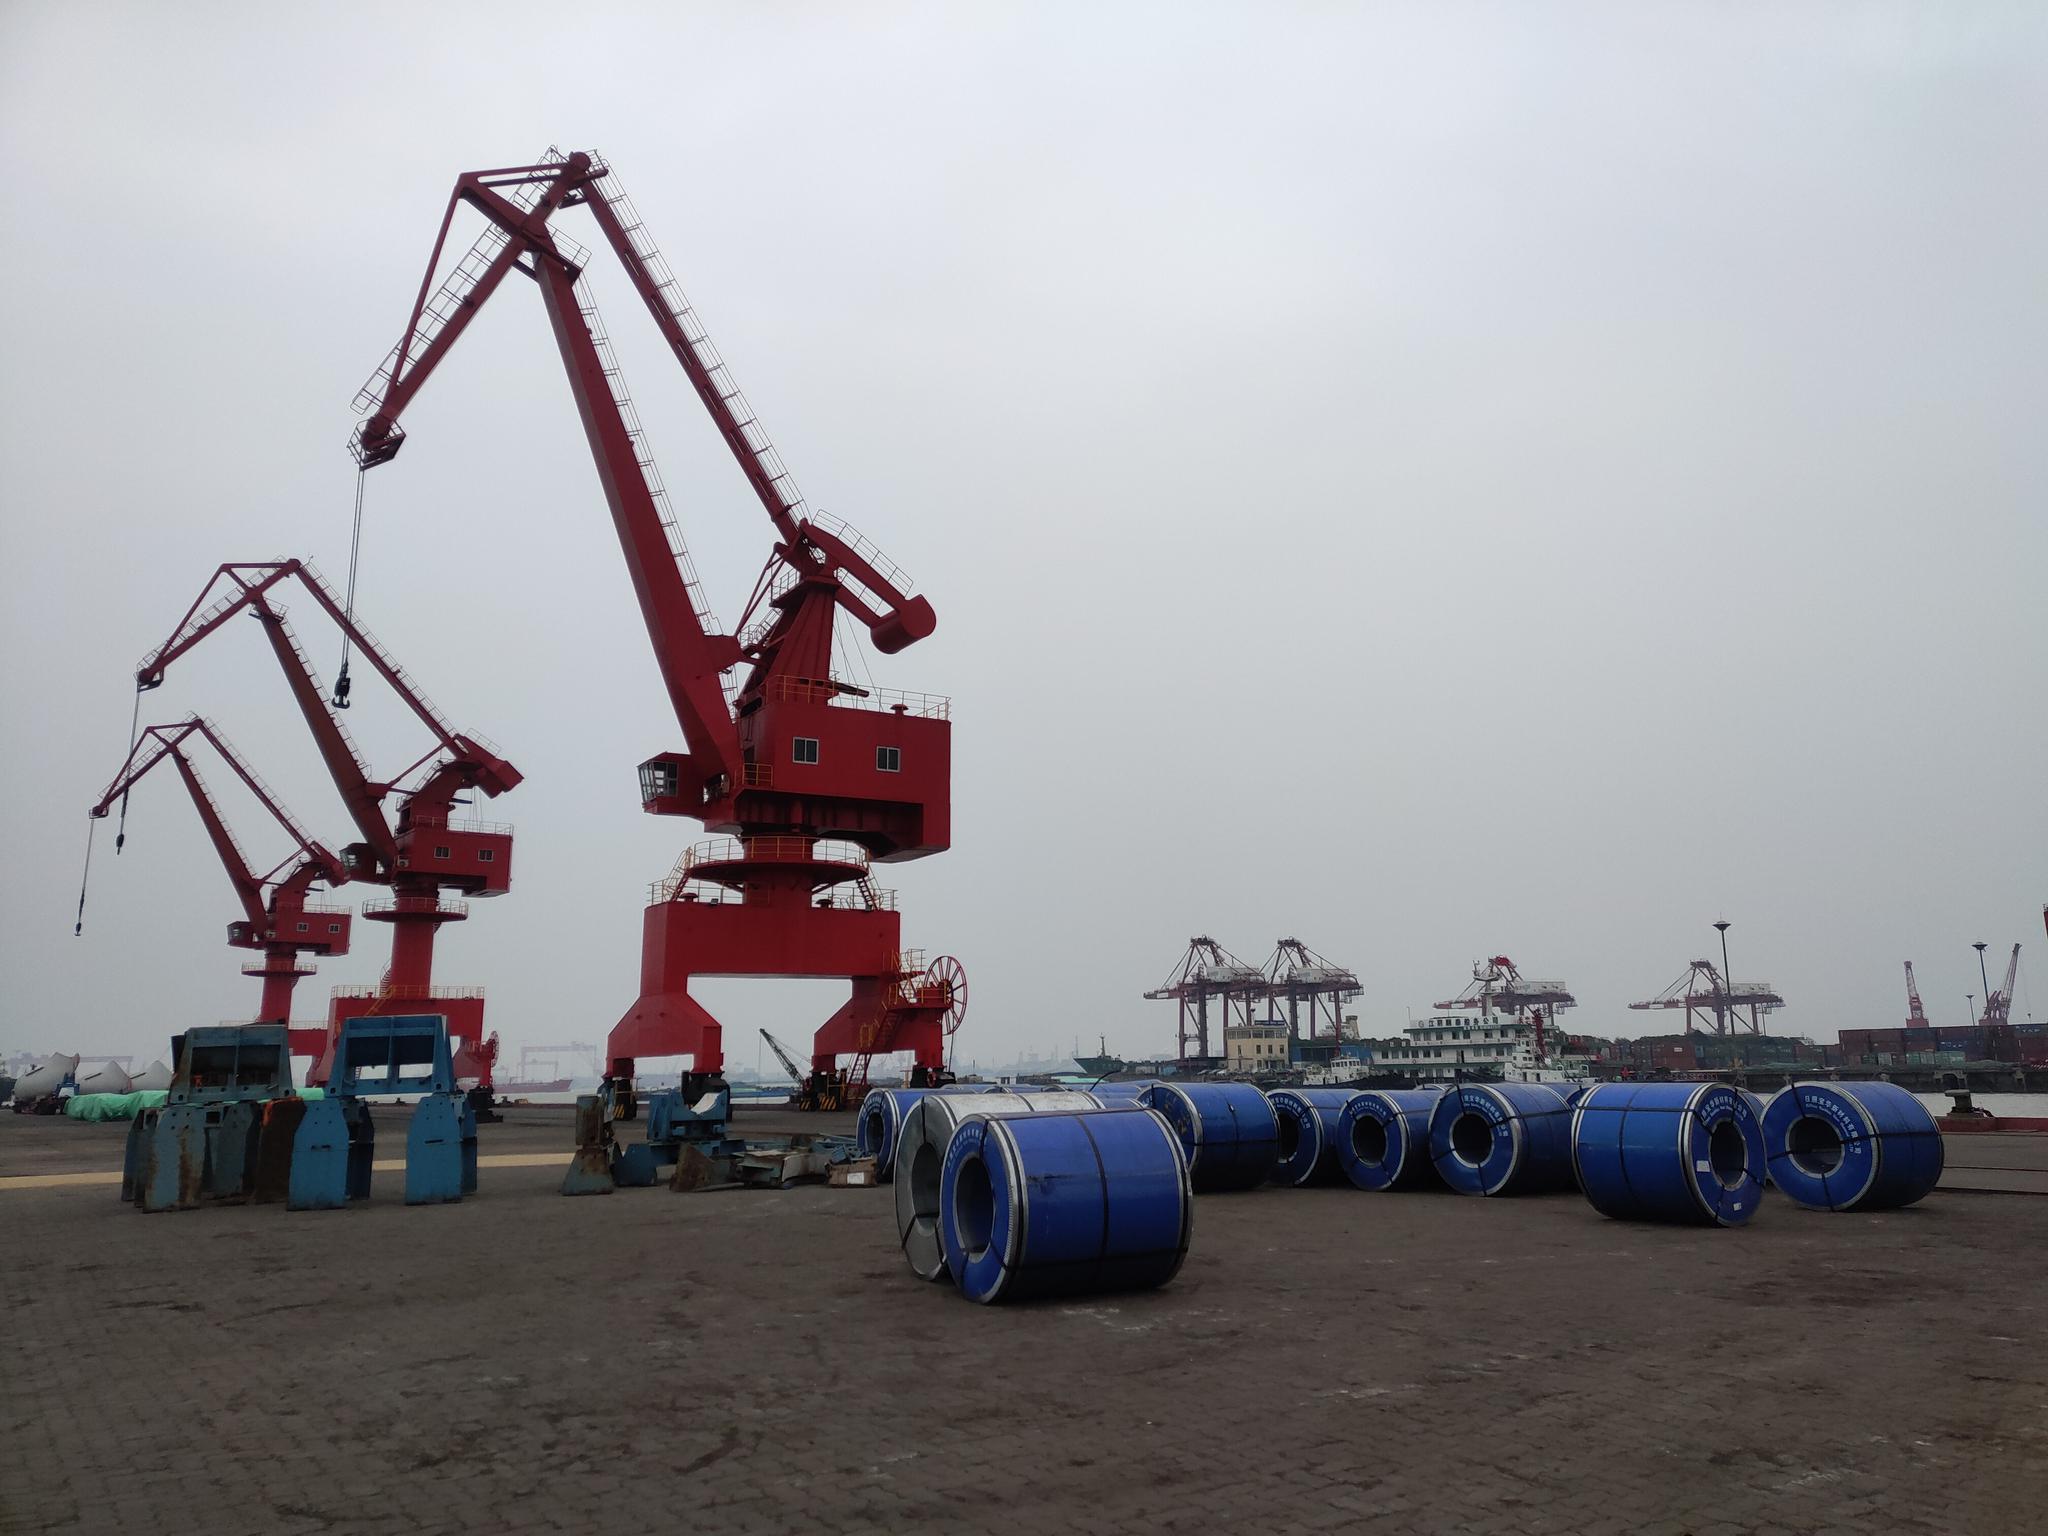 江阴4号码头有许多还未运走的钢卷。 新京报记者 康佳 摄